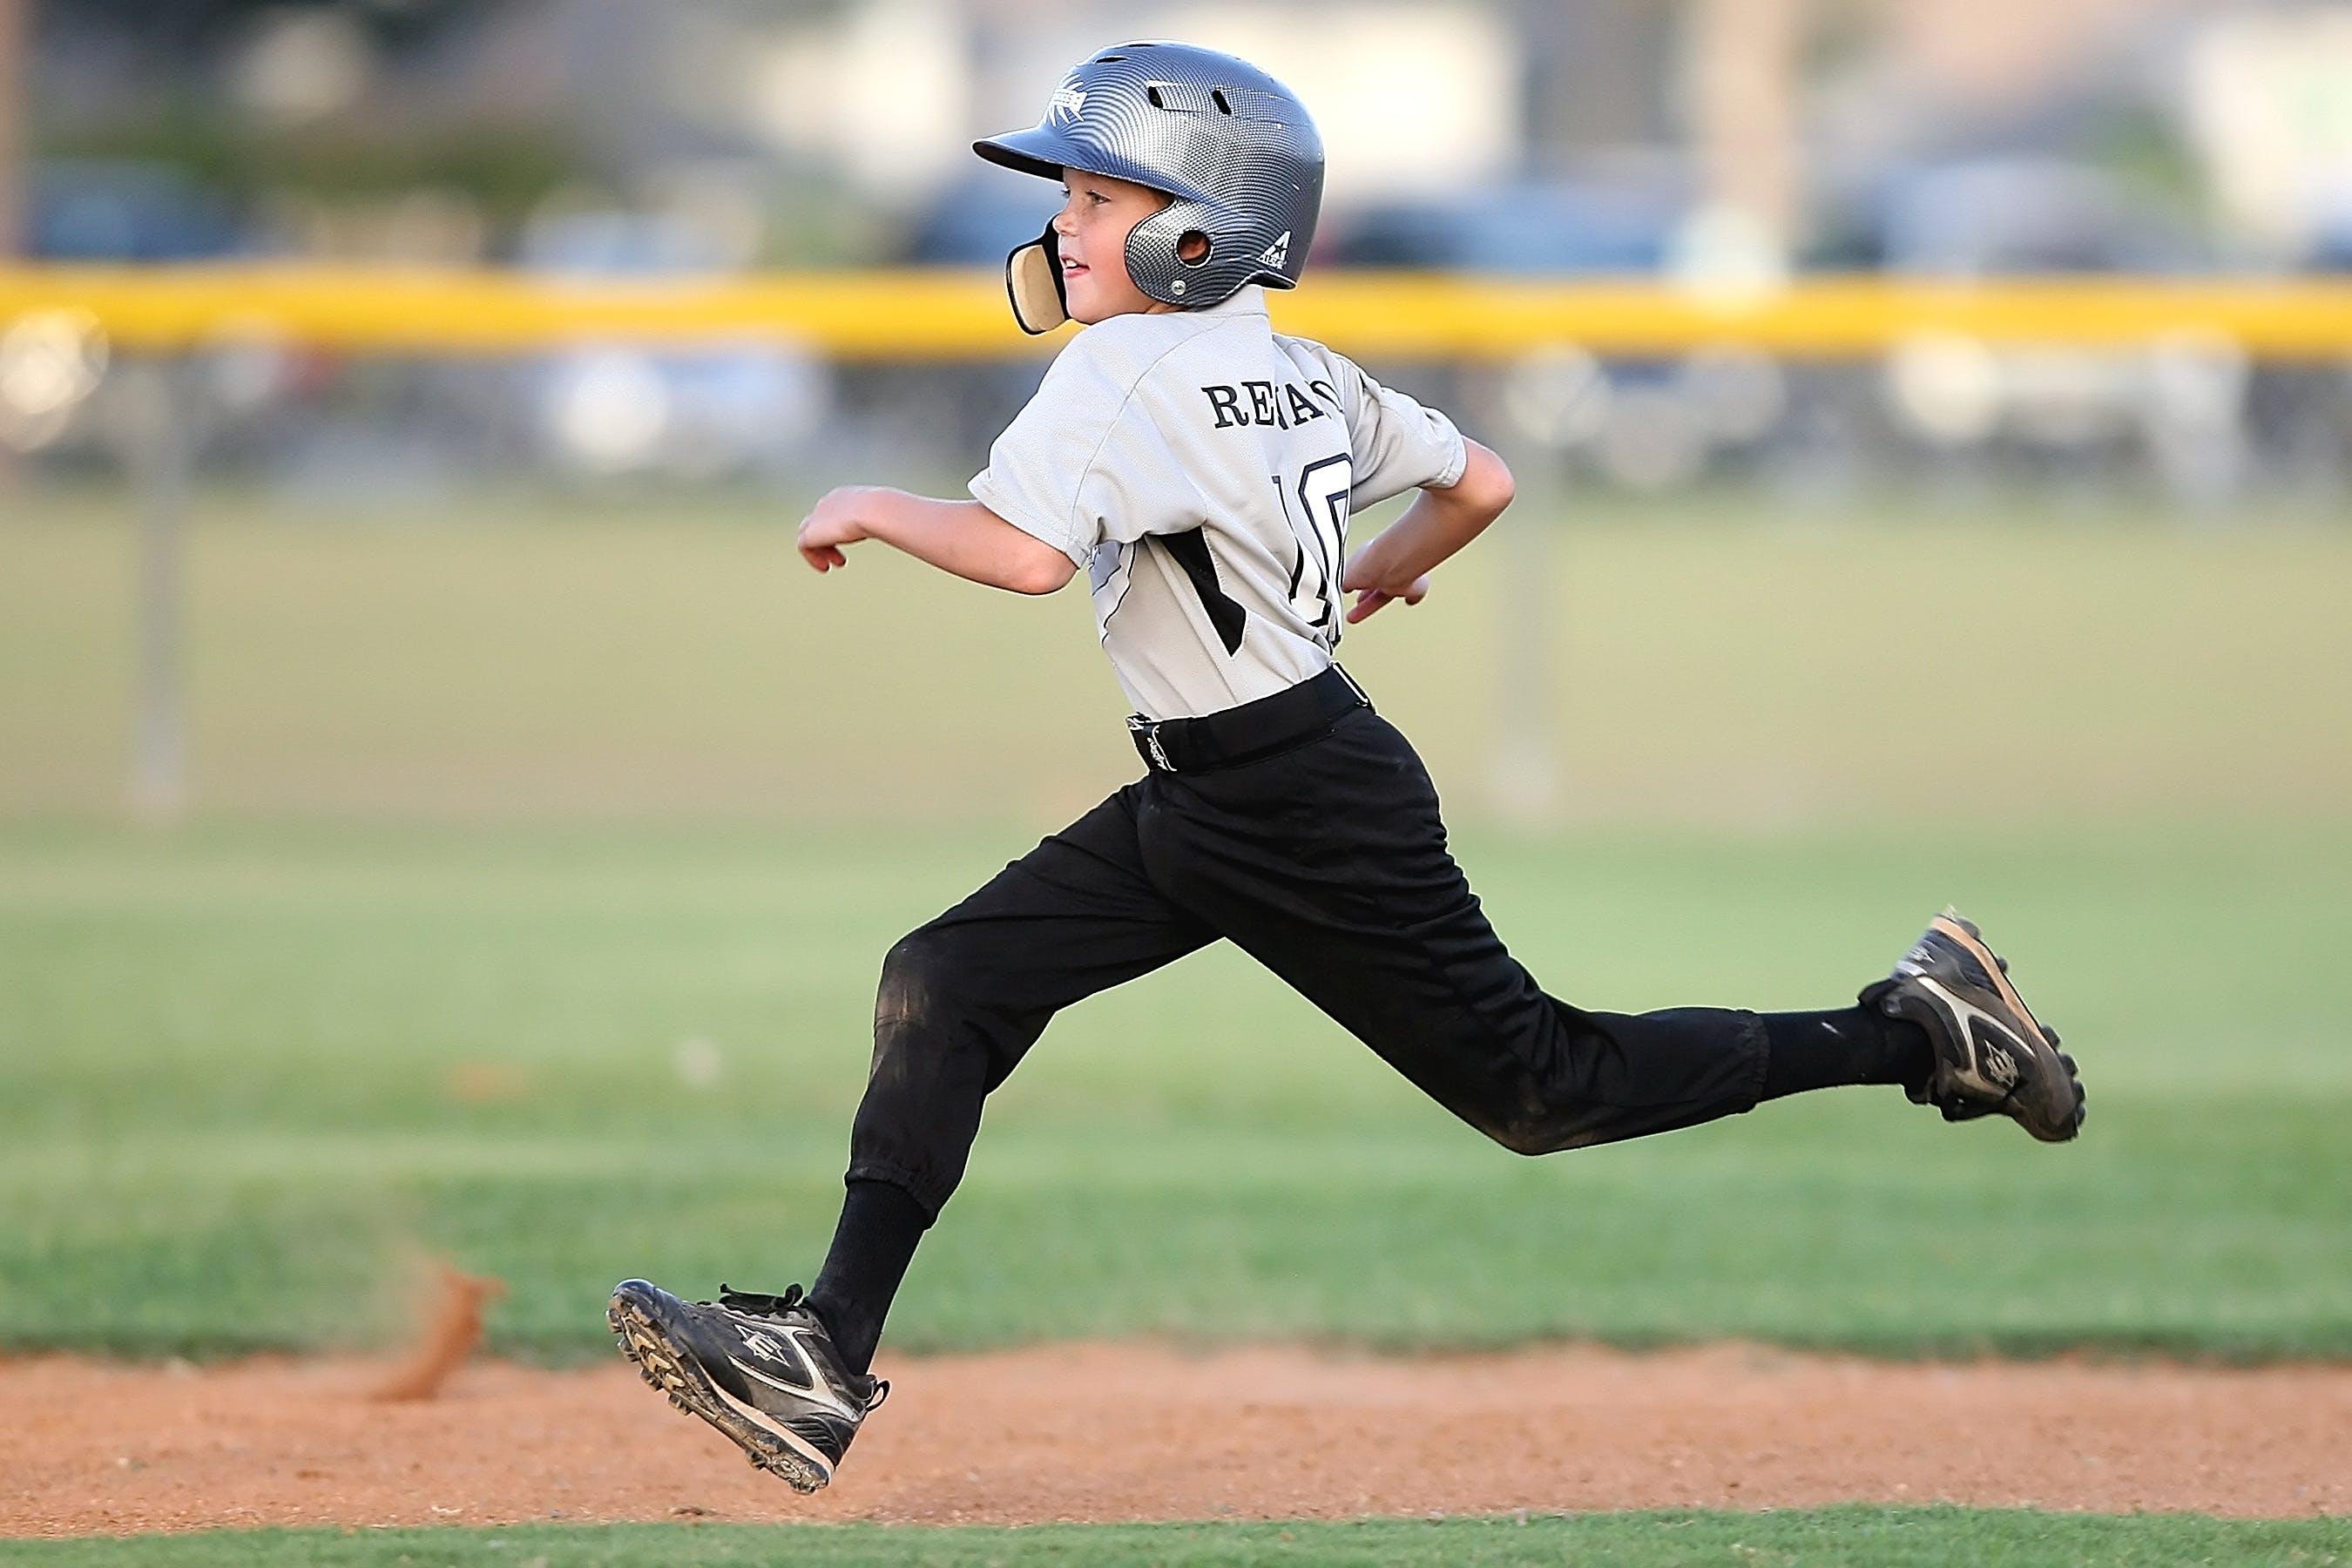 คลังภาพถ่ายฟรี ของ การกระทำ, กิจกรรม, กีฬา, กีฬาเบสบอล